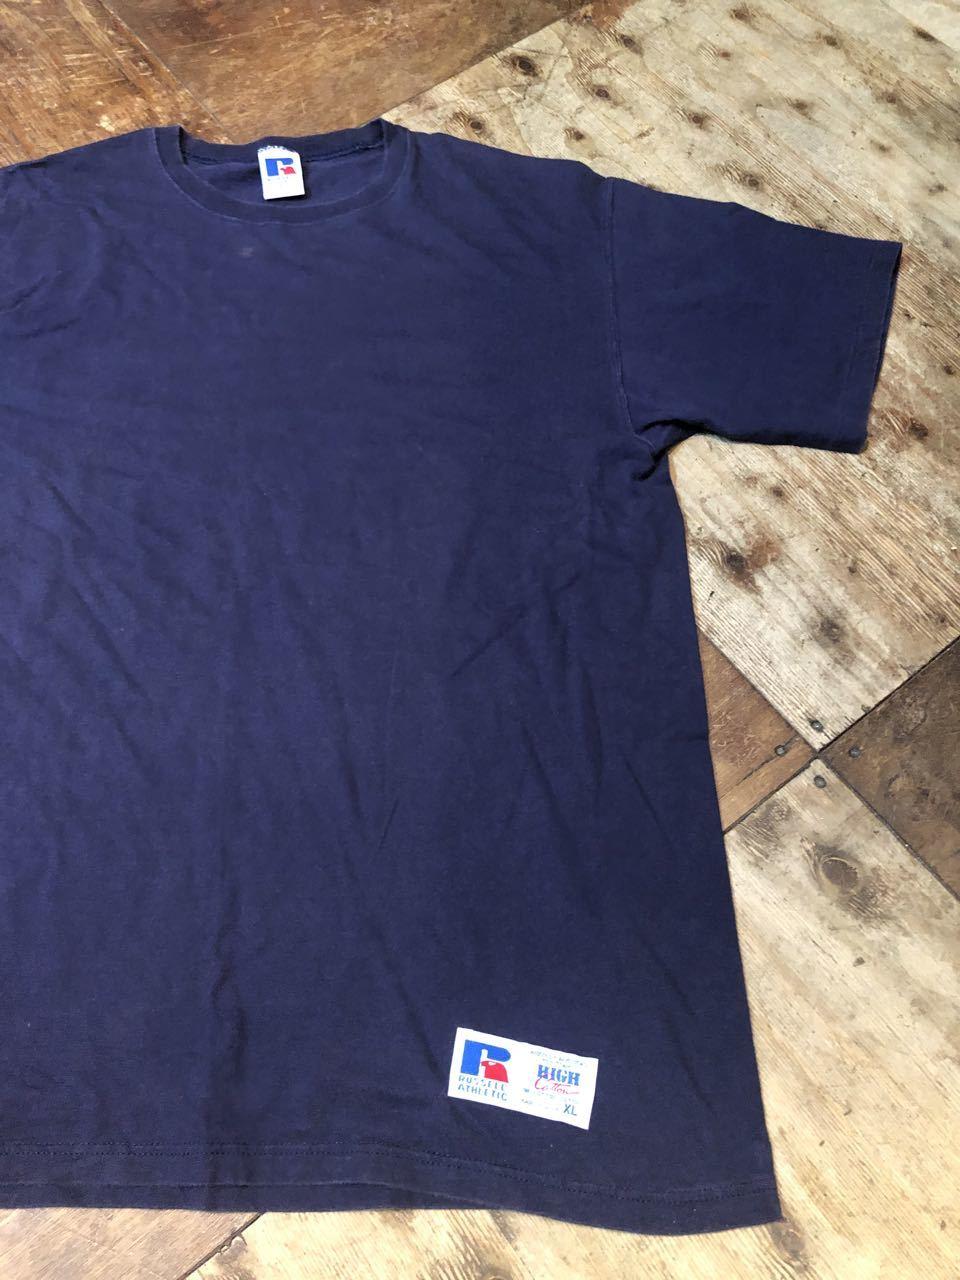 8月8日(土)入荷!MADE IN U.S.A 80s ラッセル HIGH COTTON Tシャツ!_c0144020_15475334.jpg